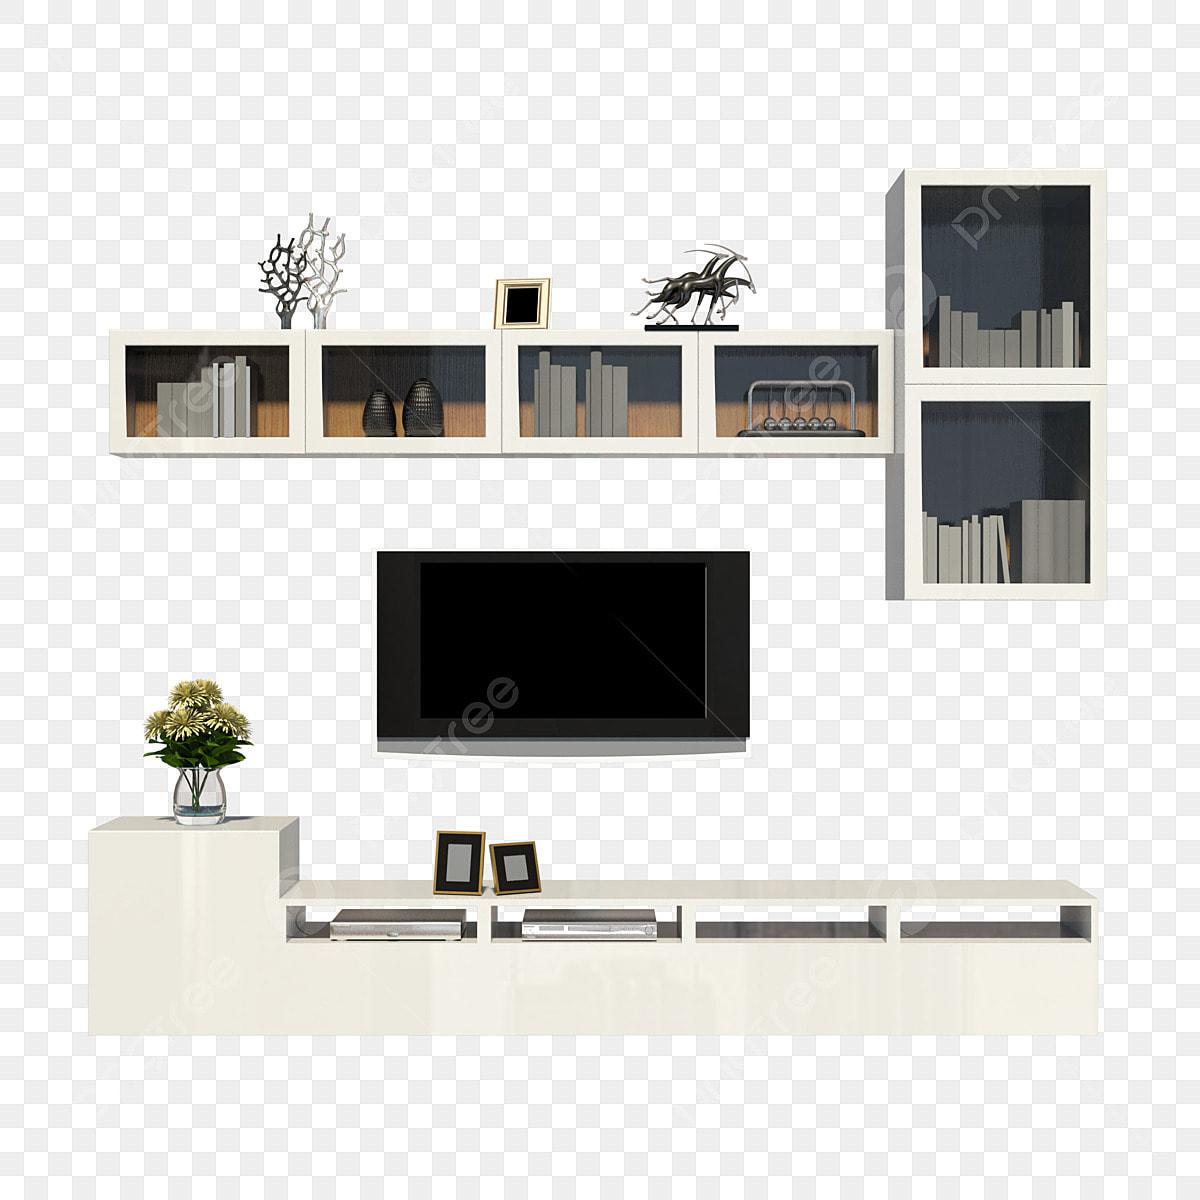 Meuble Tv Avec Bibliothèque meuble tv armoire murale bibliothèque meubles, télévision